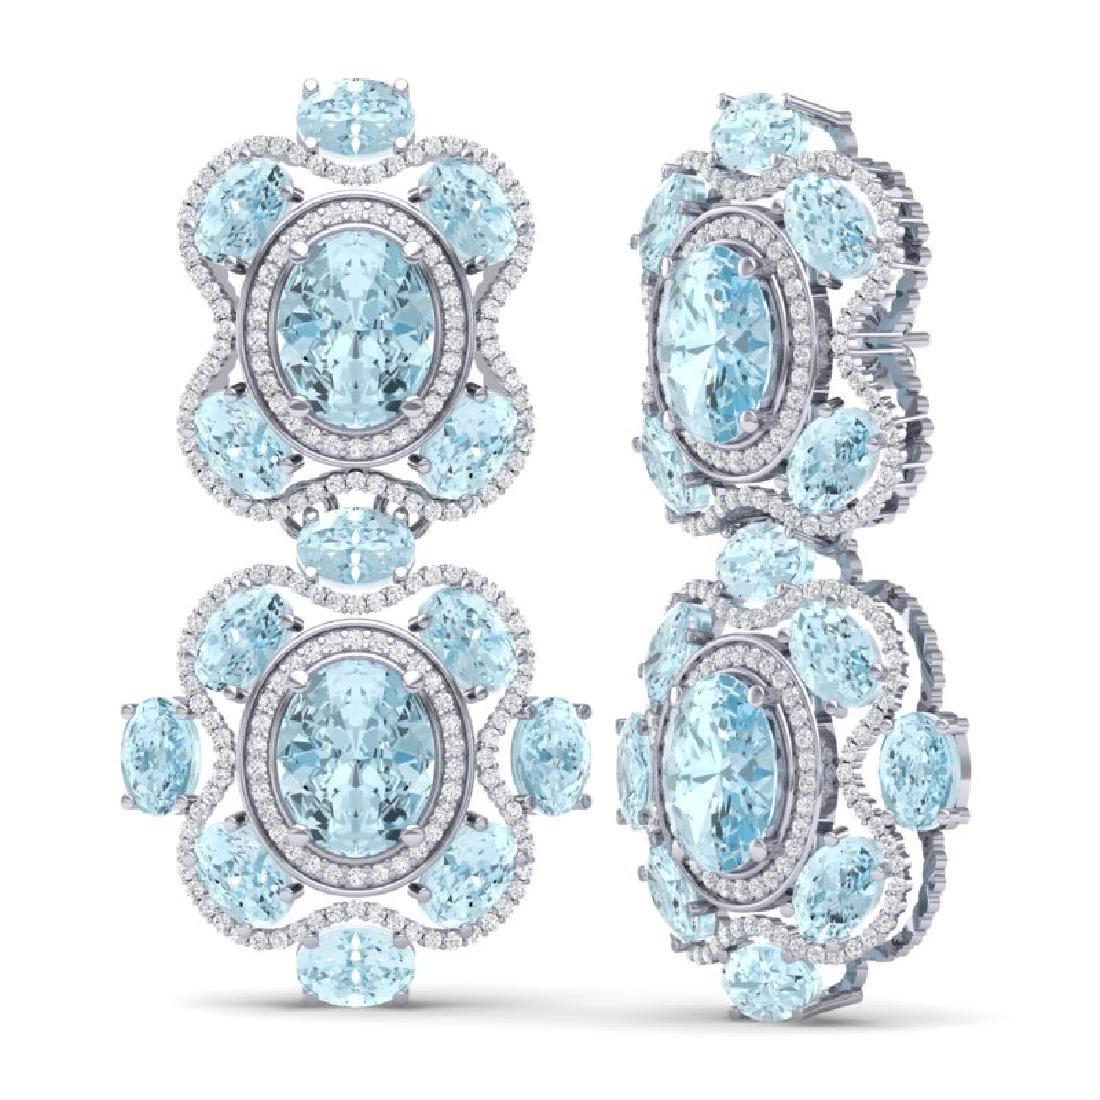 34.96 CTW Royalty Sky Topaz & VS Diamond Earrings 18K - 3